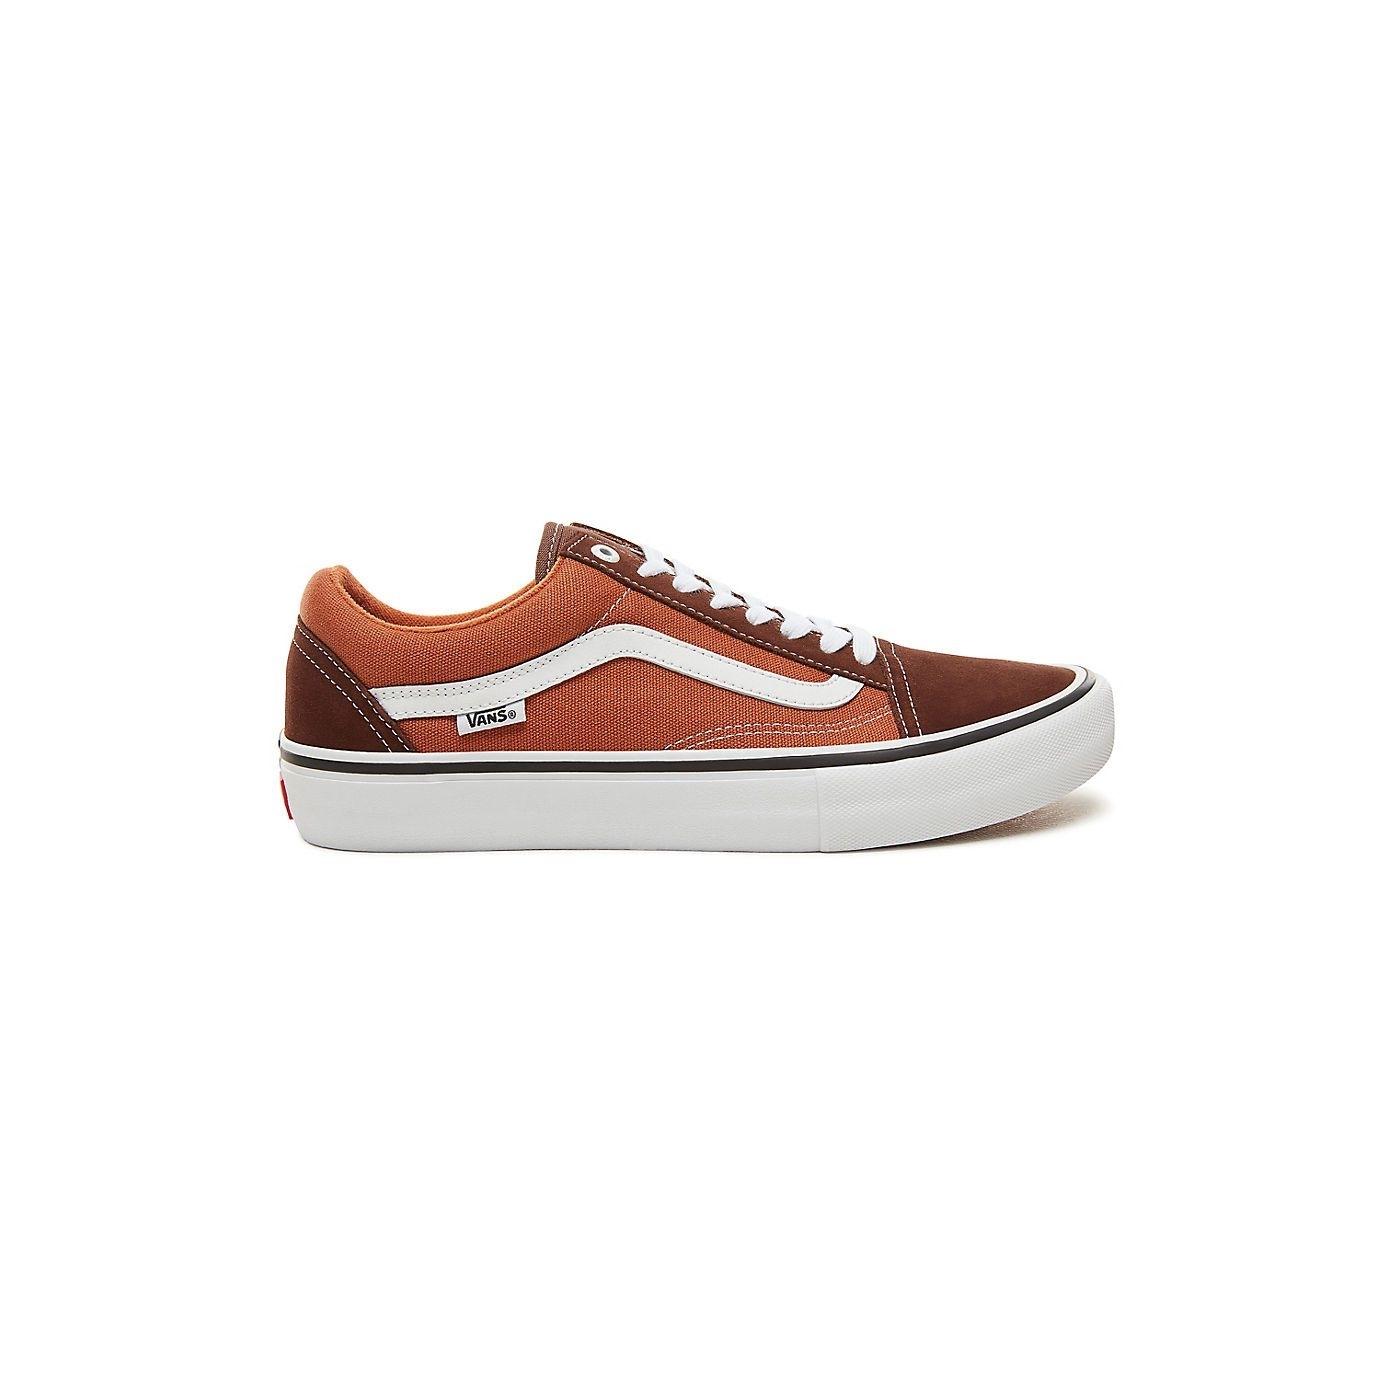 05401c71e8482 Baskets Vans Old Skool Pro Potting Soil / Leather Brown